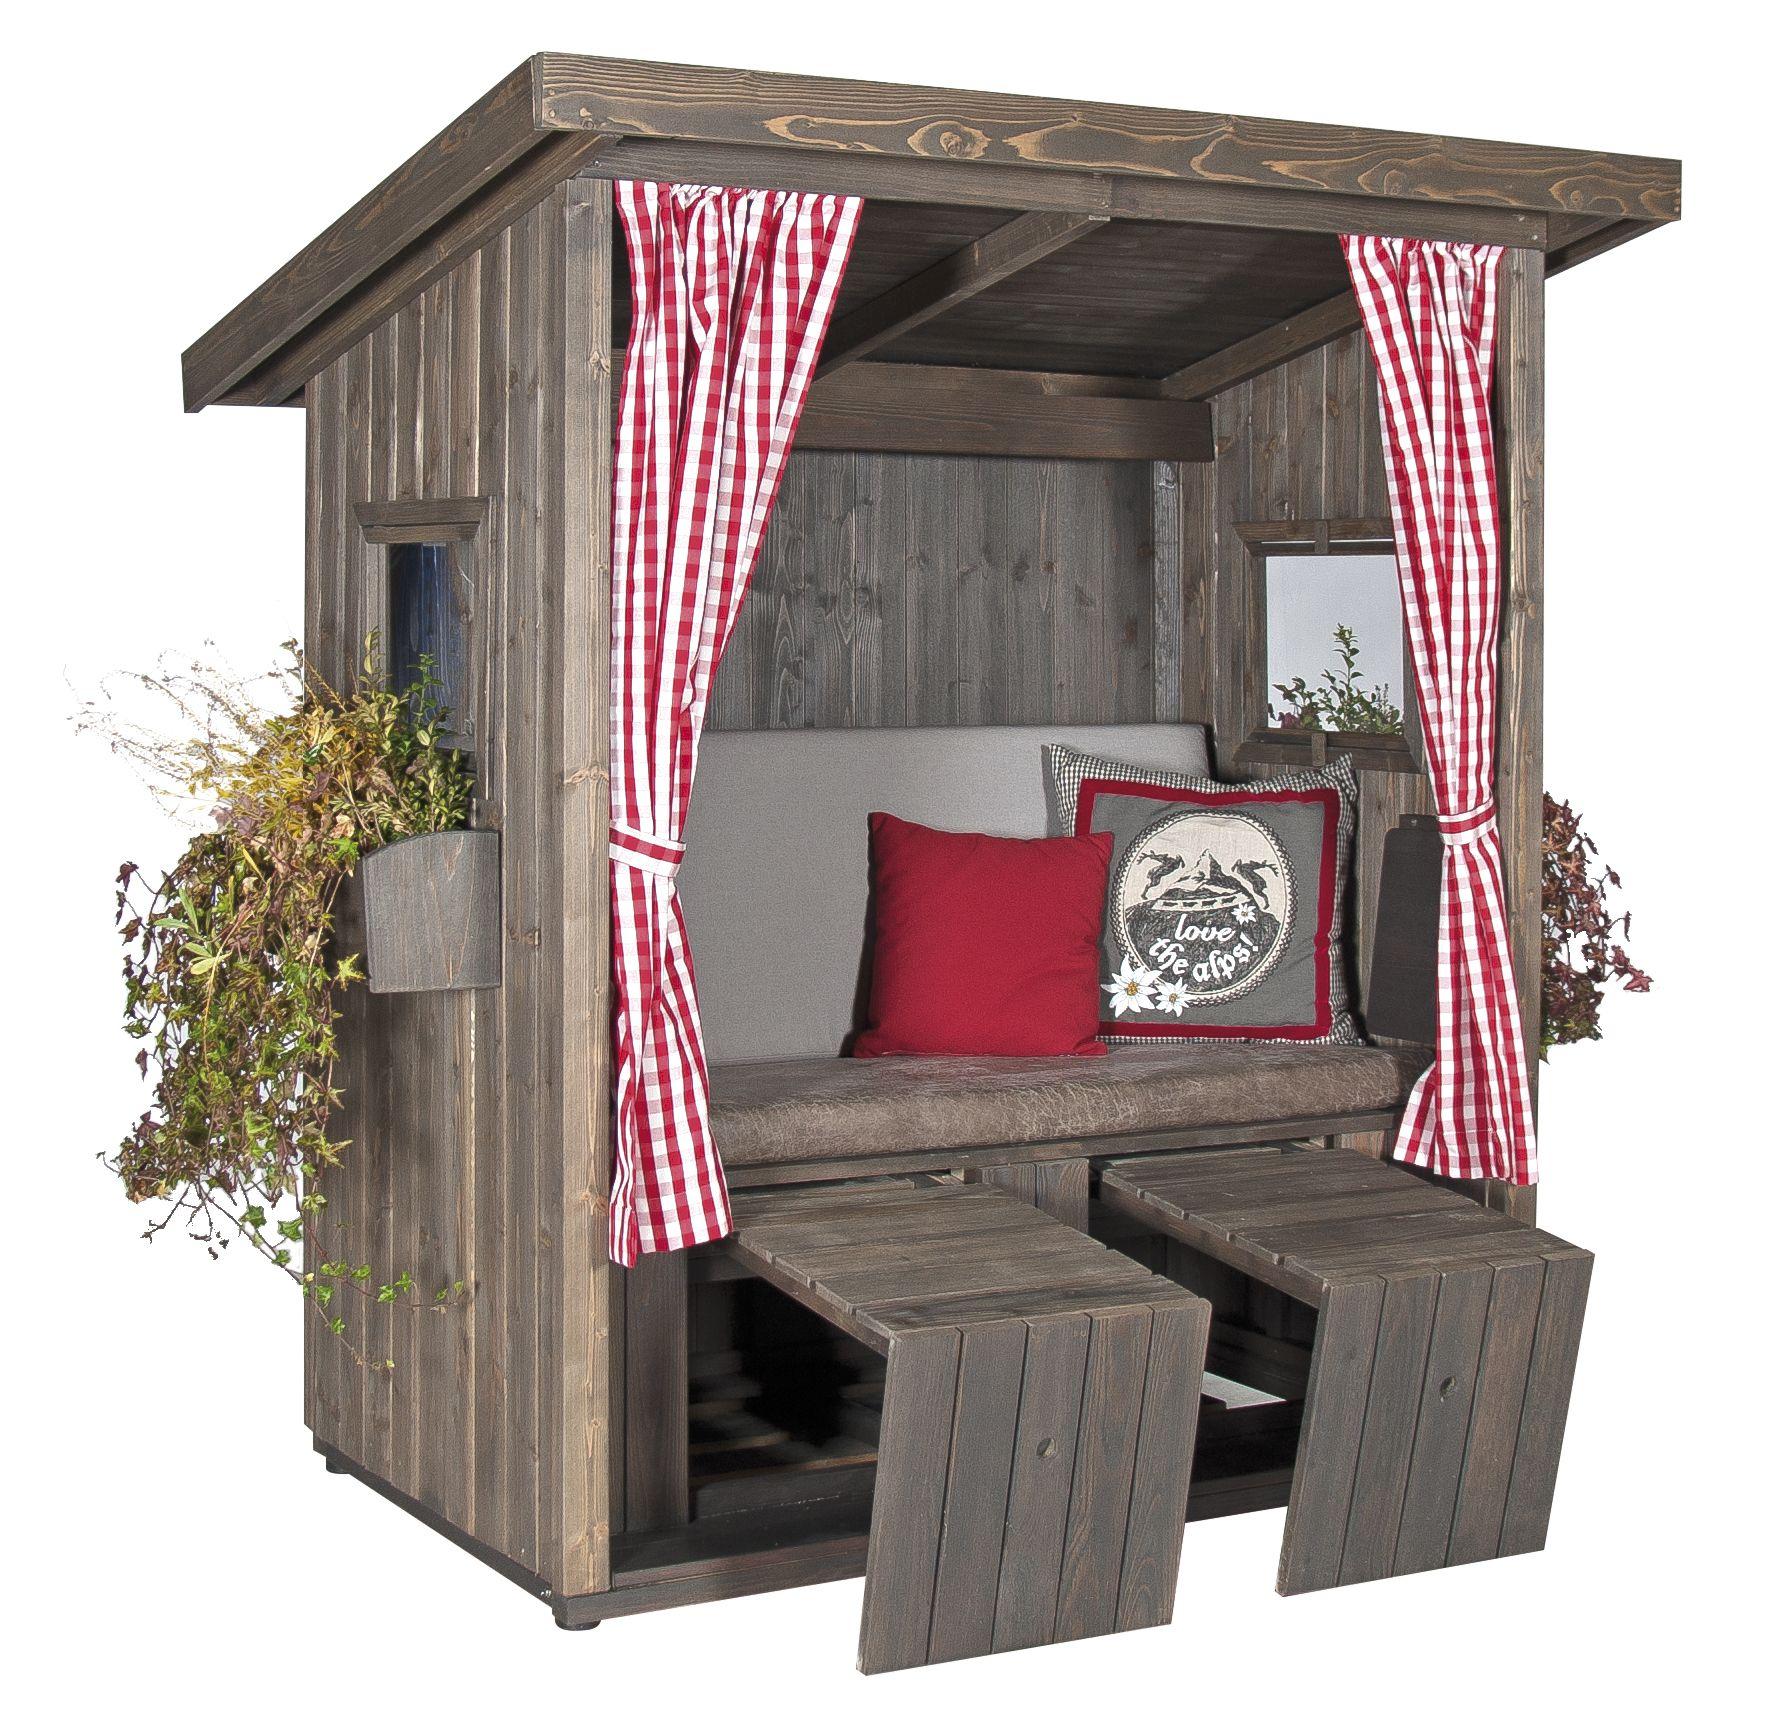 Sitzecke Garten Selber Bauen Neu Garten Loungehütte Zweisitzer Holzhütte Als überdachte